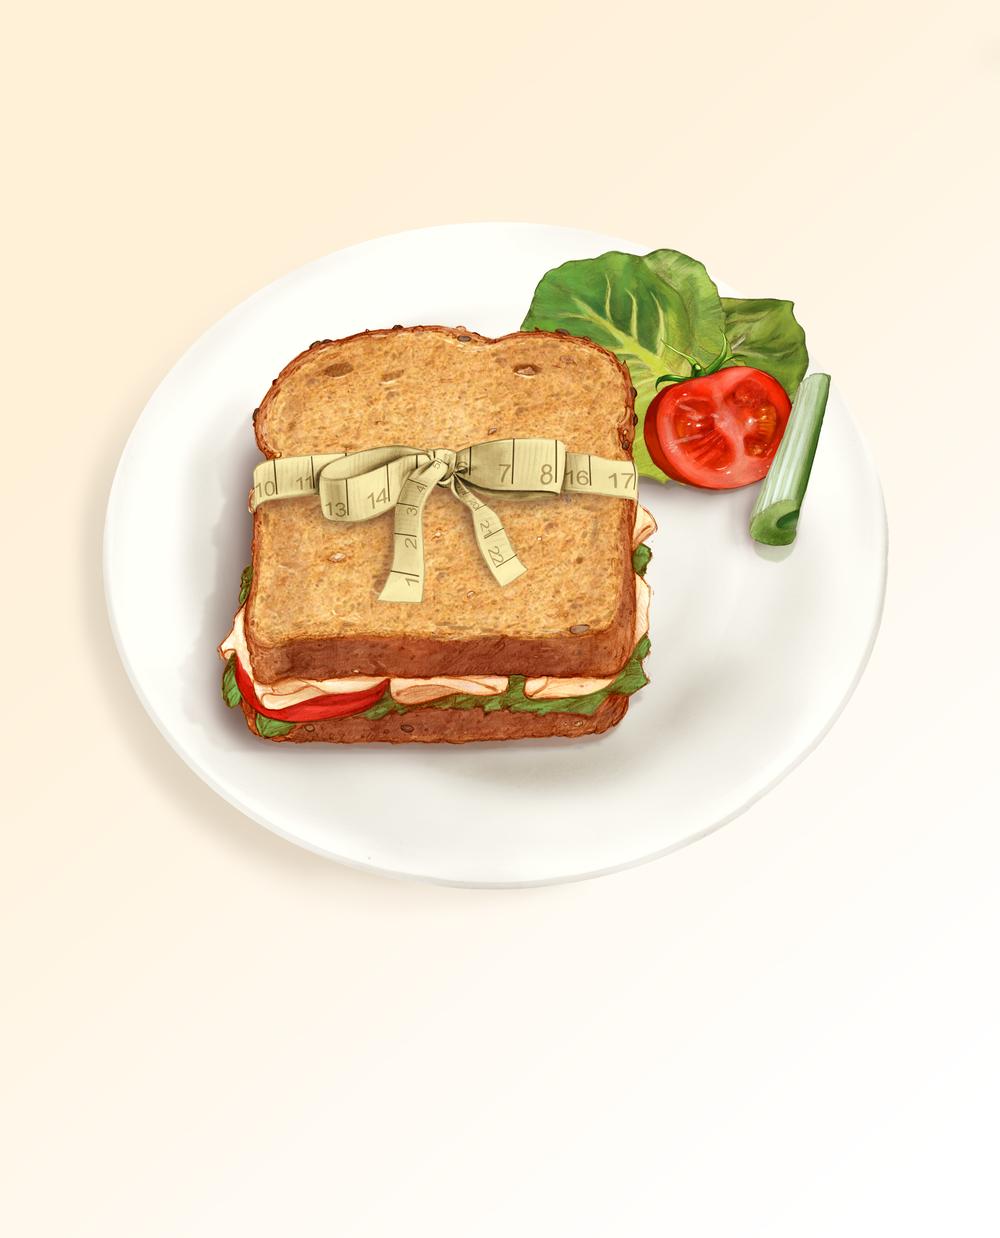 sandwich_on_plate.jpg